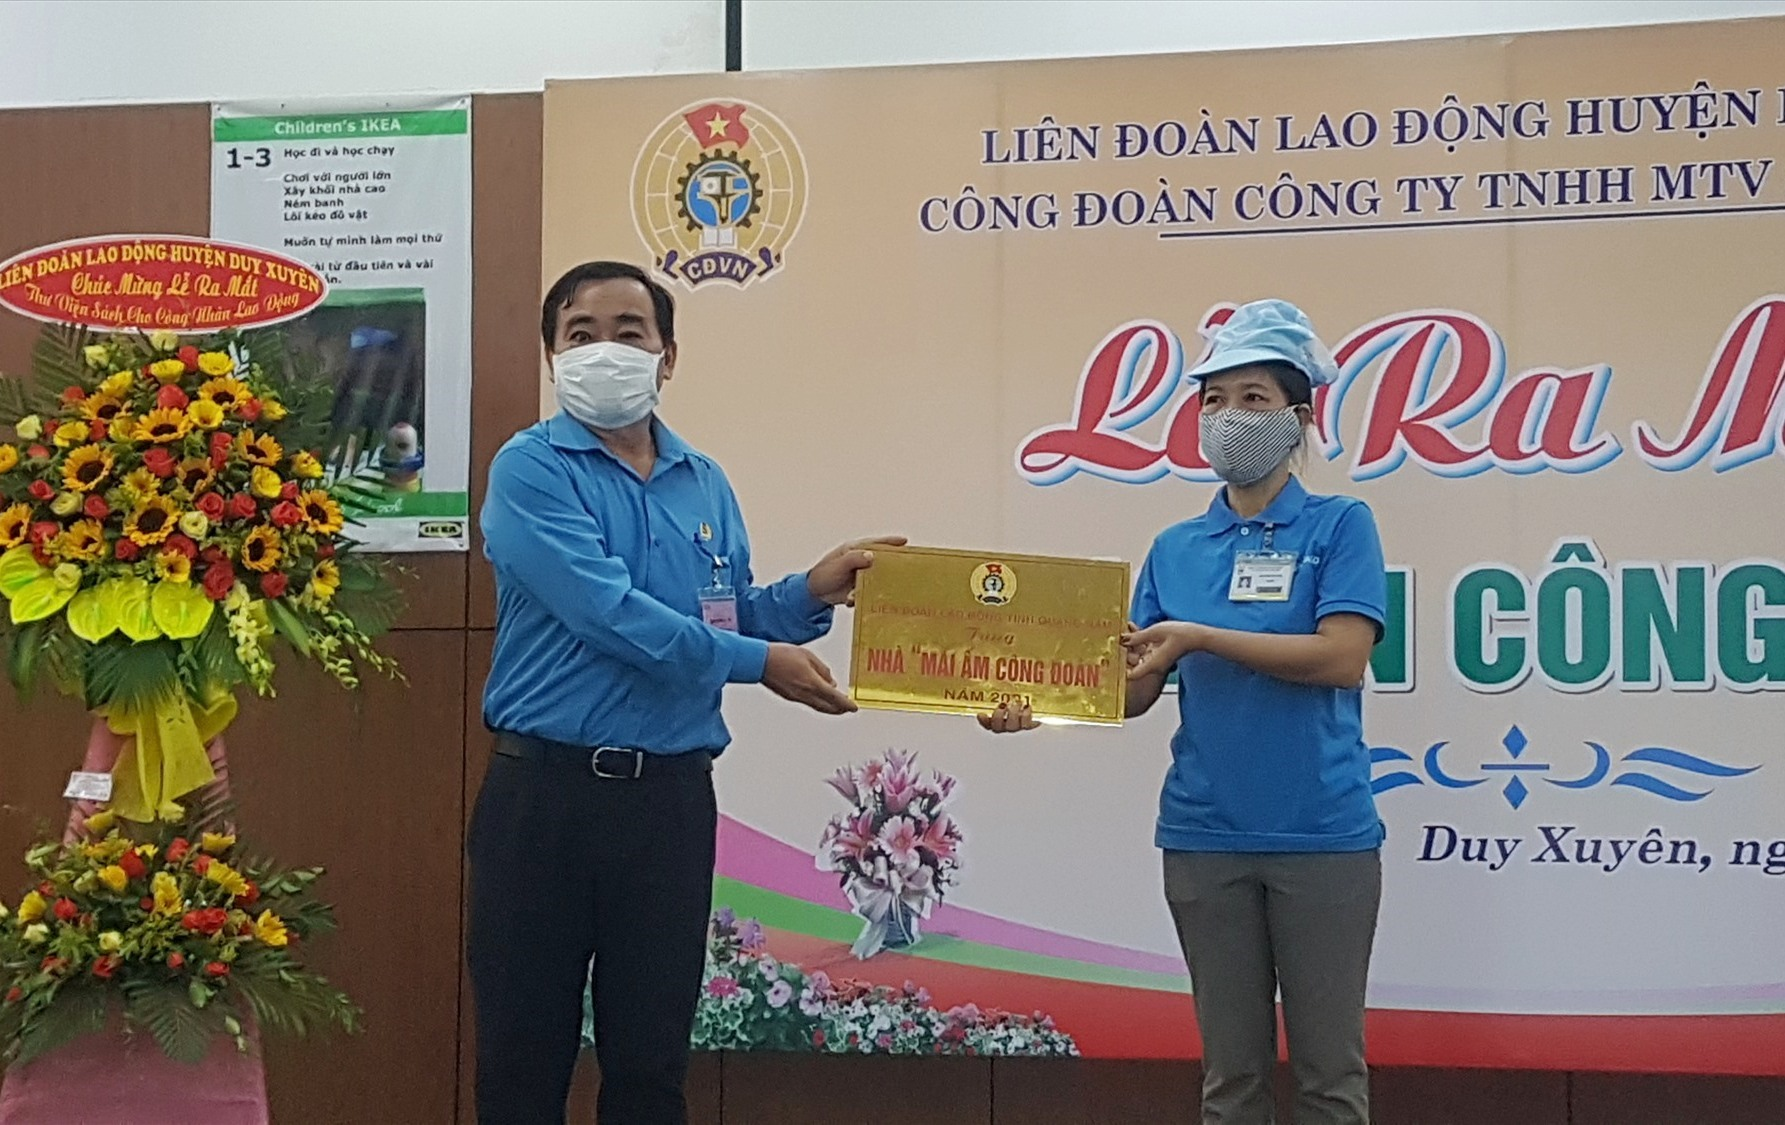 Ông Phan Xuân Quang - Chủ tịch Liên đoàn Lao động tỉnh tặng nhà tình nghĩa cho công nhân khó khăn. Ảnh: D.L